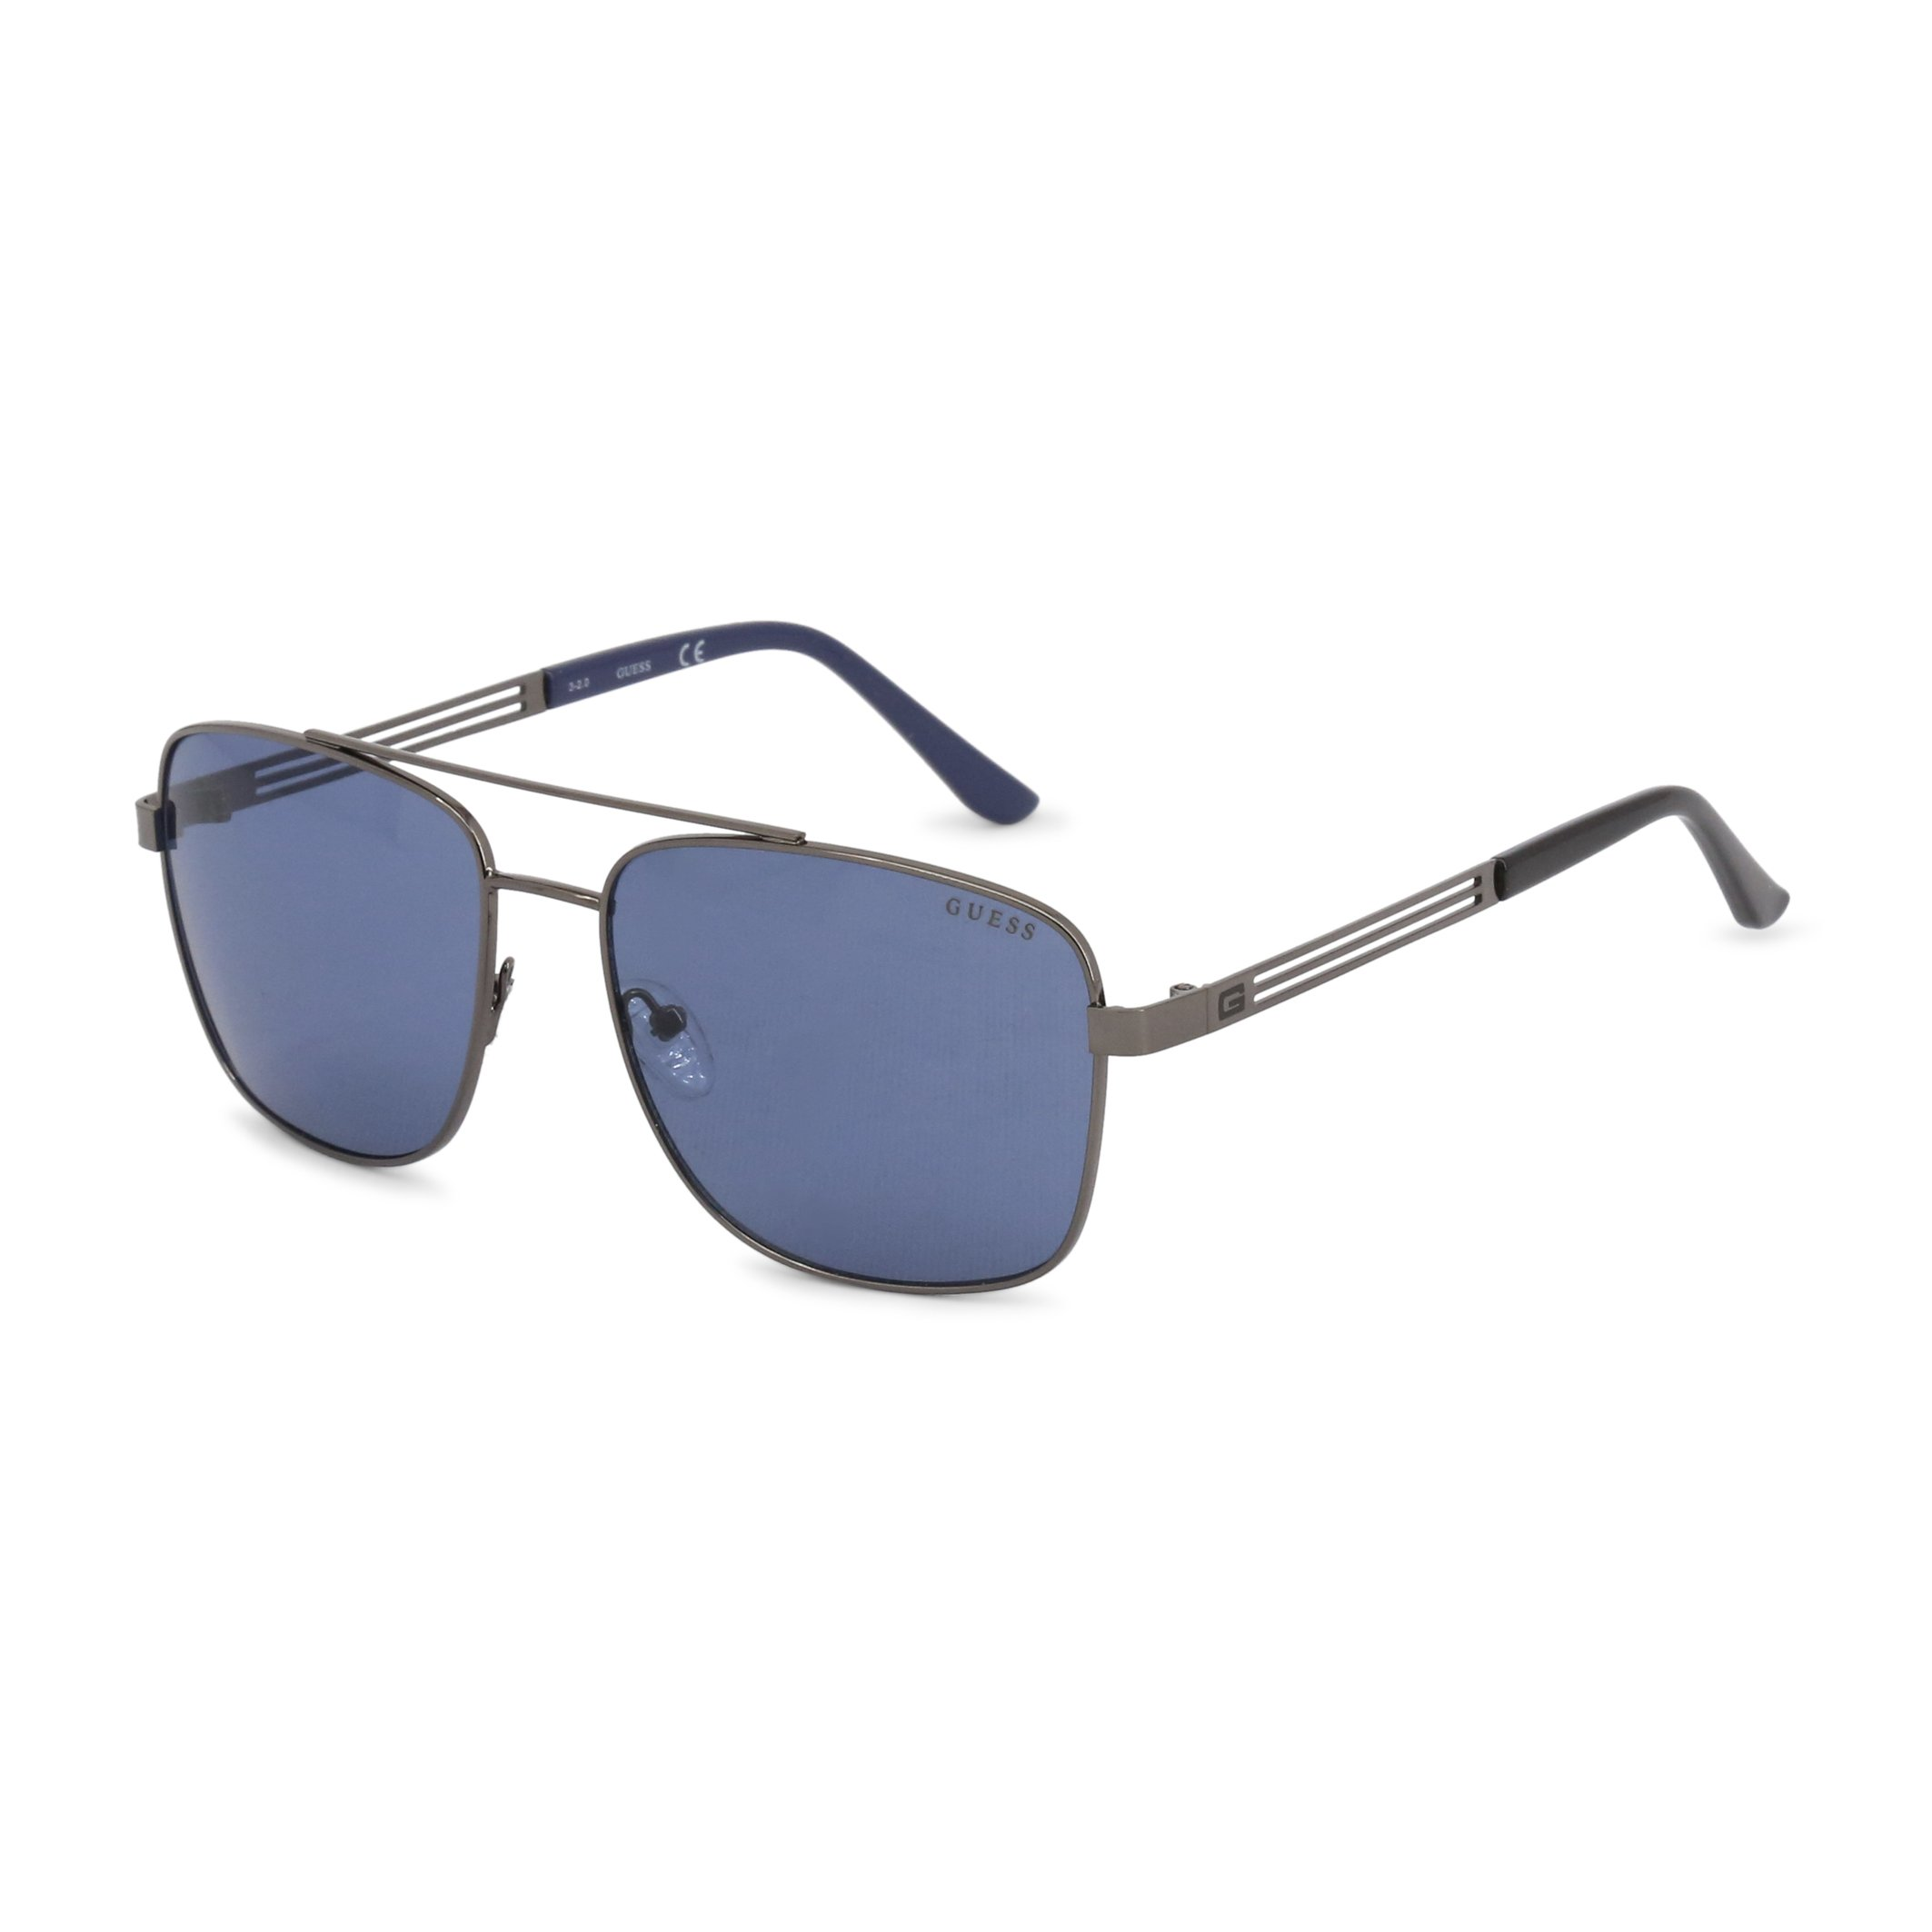 Guess Men's Sunglasses Various Colours GF0206 - grey NOSIZE